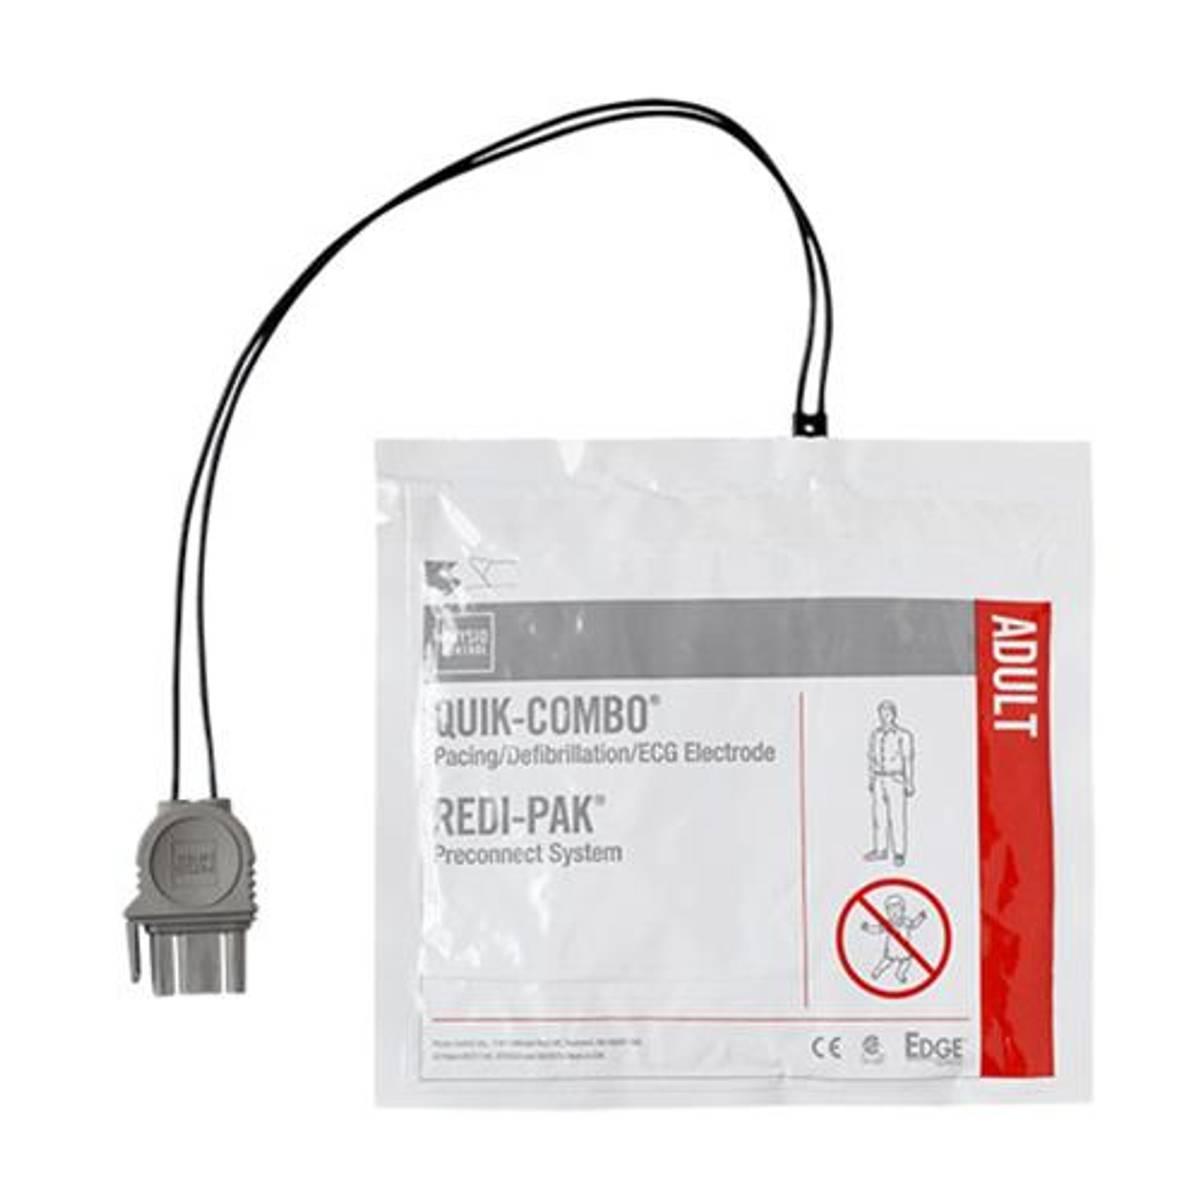 Quick Combo elektroder til Lifepak 1000